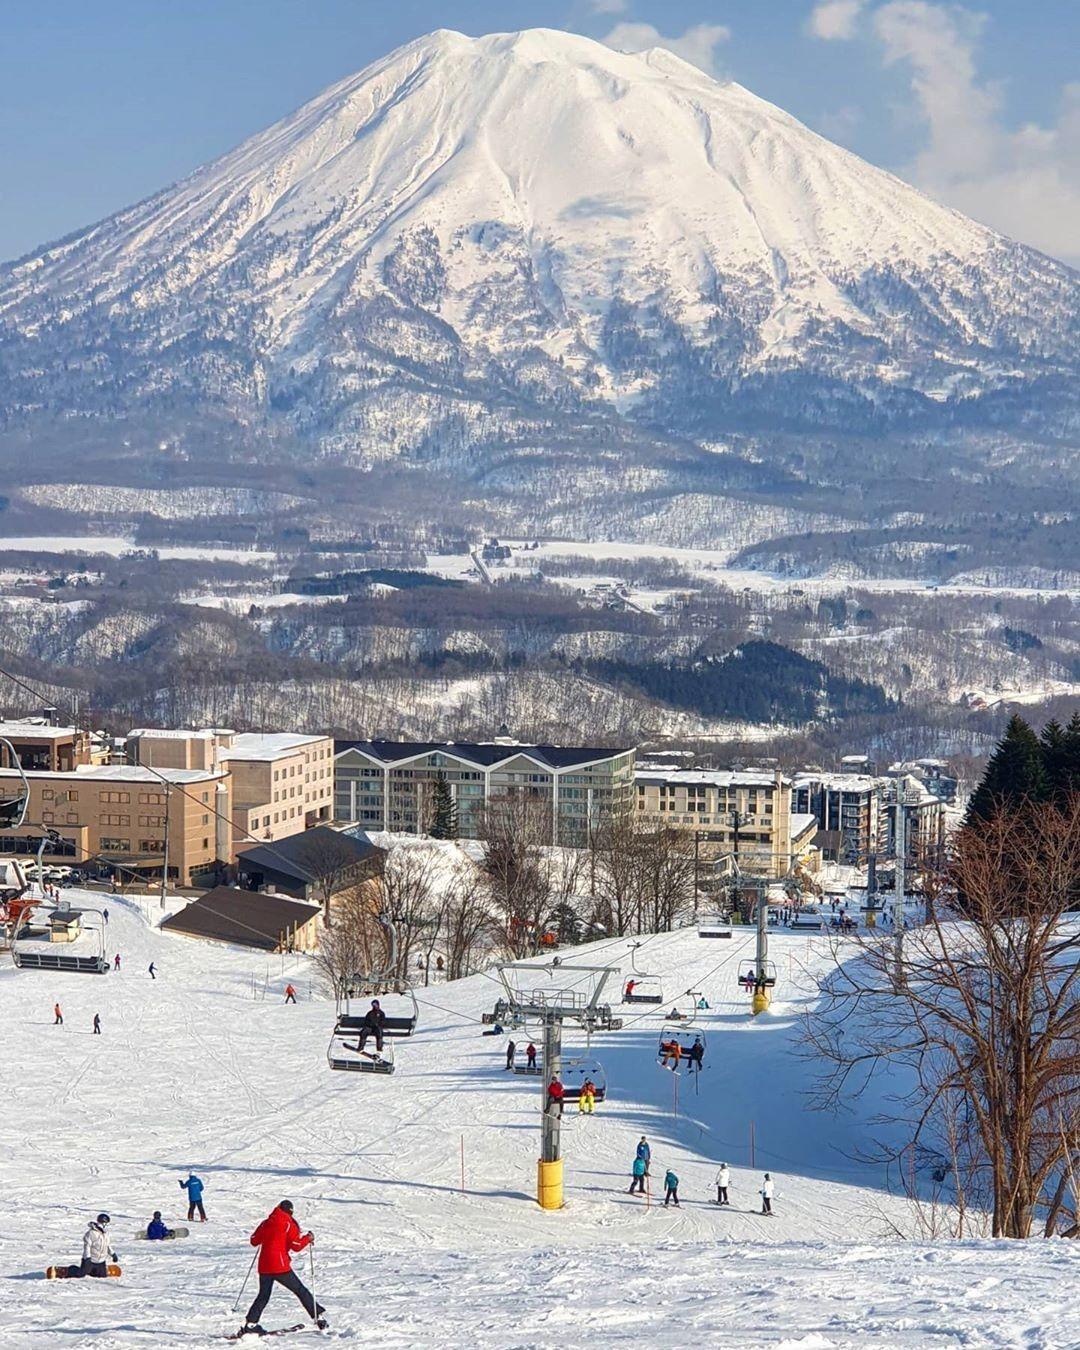 Niseko se convierte en el destino de esquí favorito de los más exigentes del mundo 5